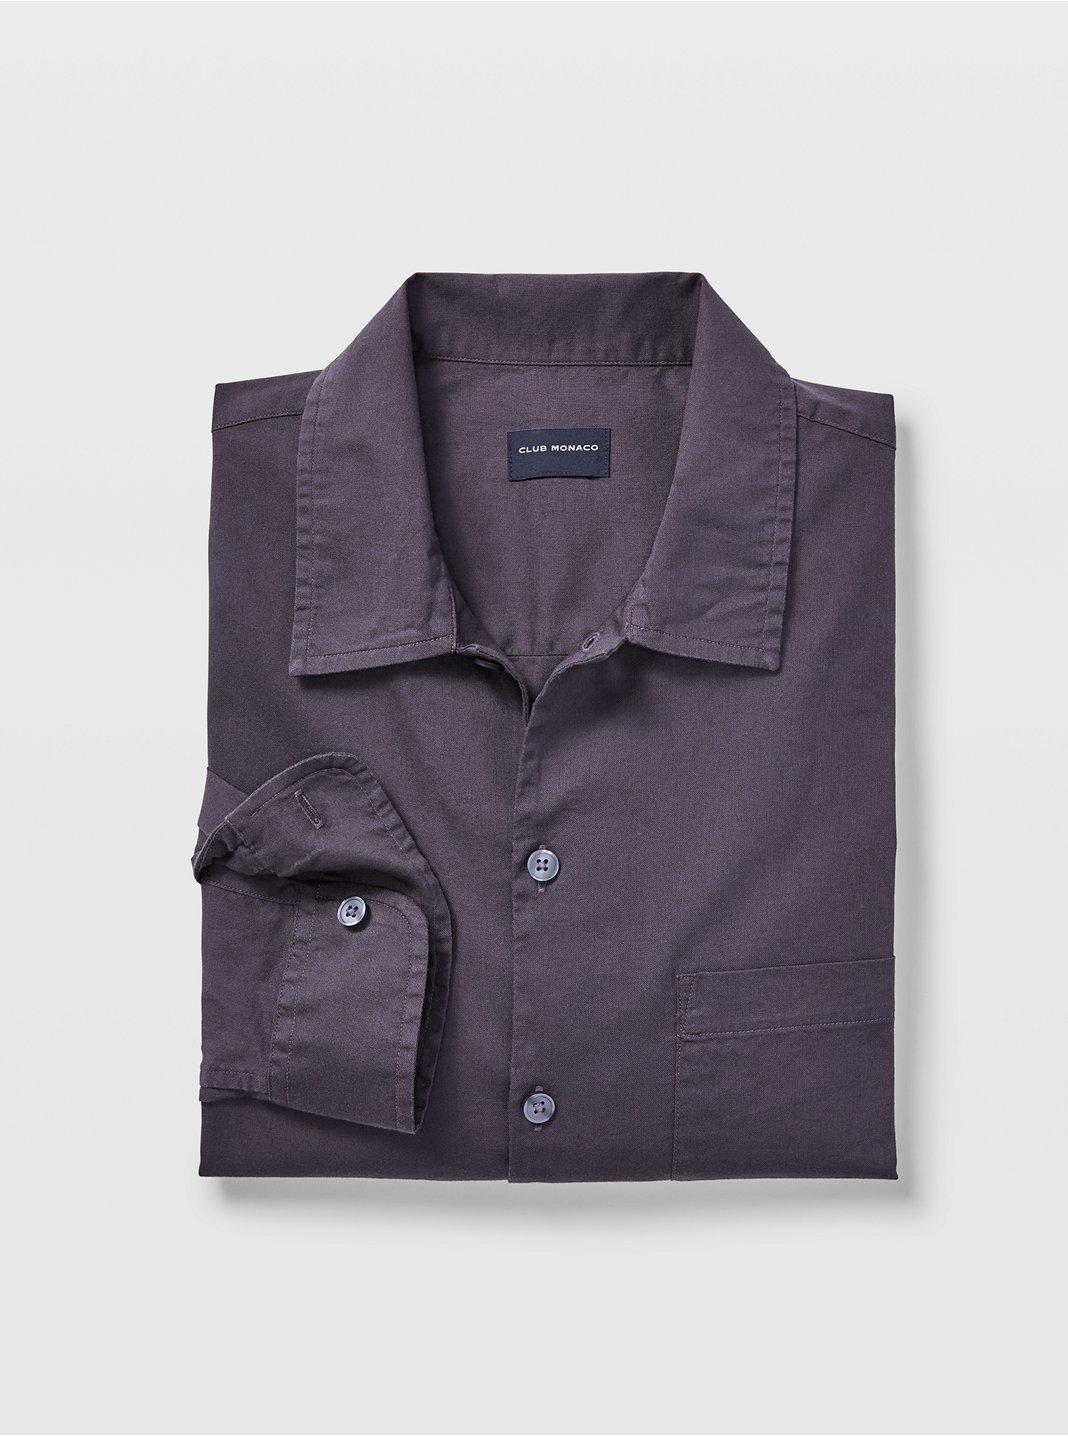 Standard Fit Shirt